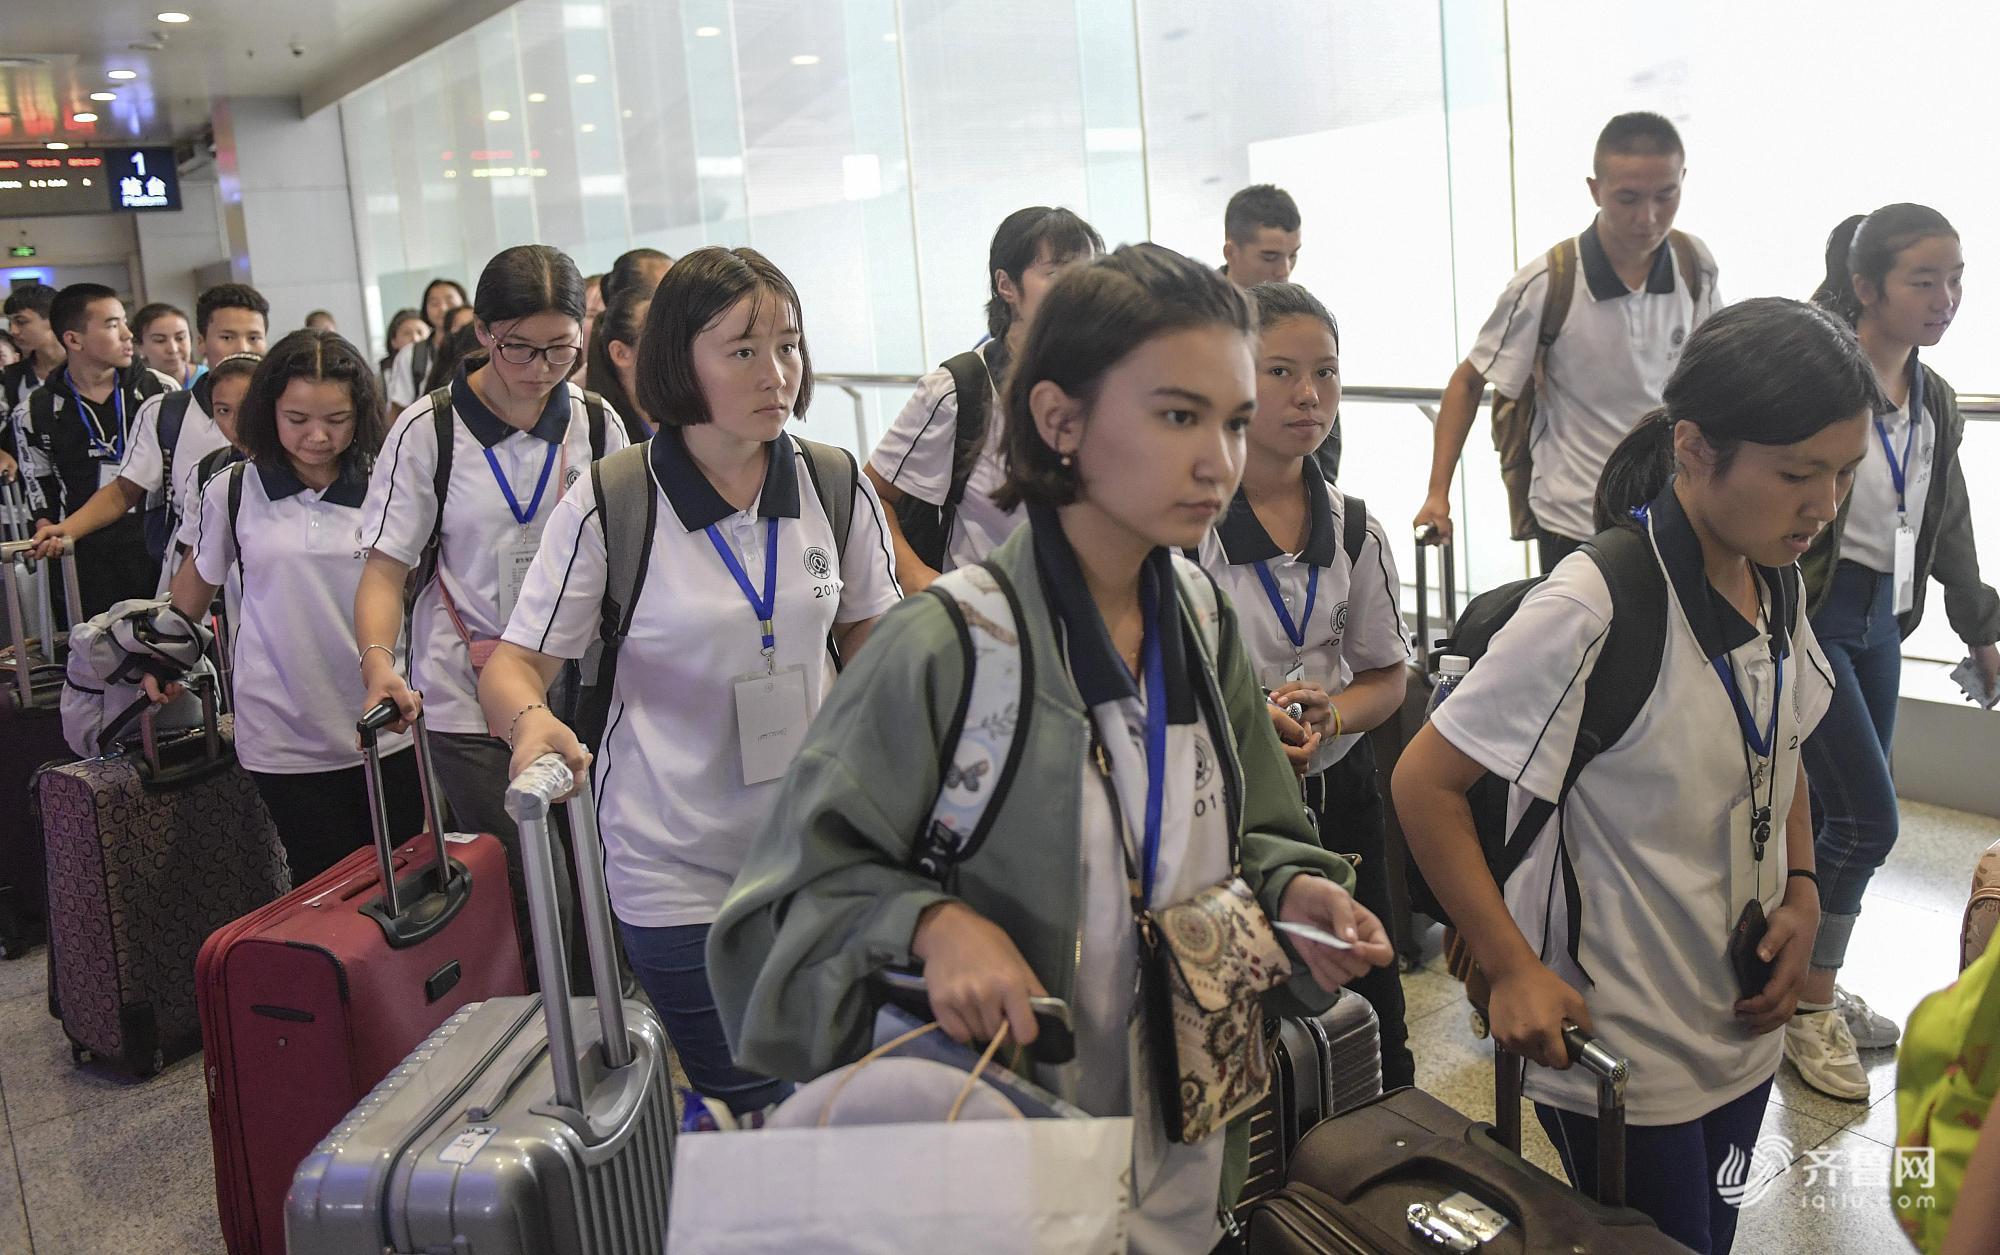 济南火车站迎学生返校客流高峰  众多学生排队候车